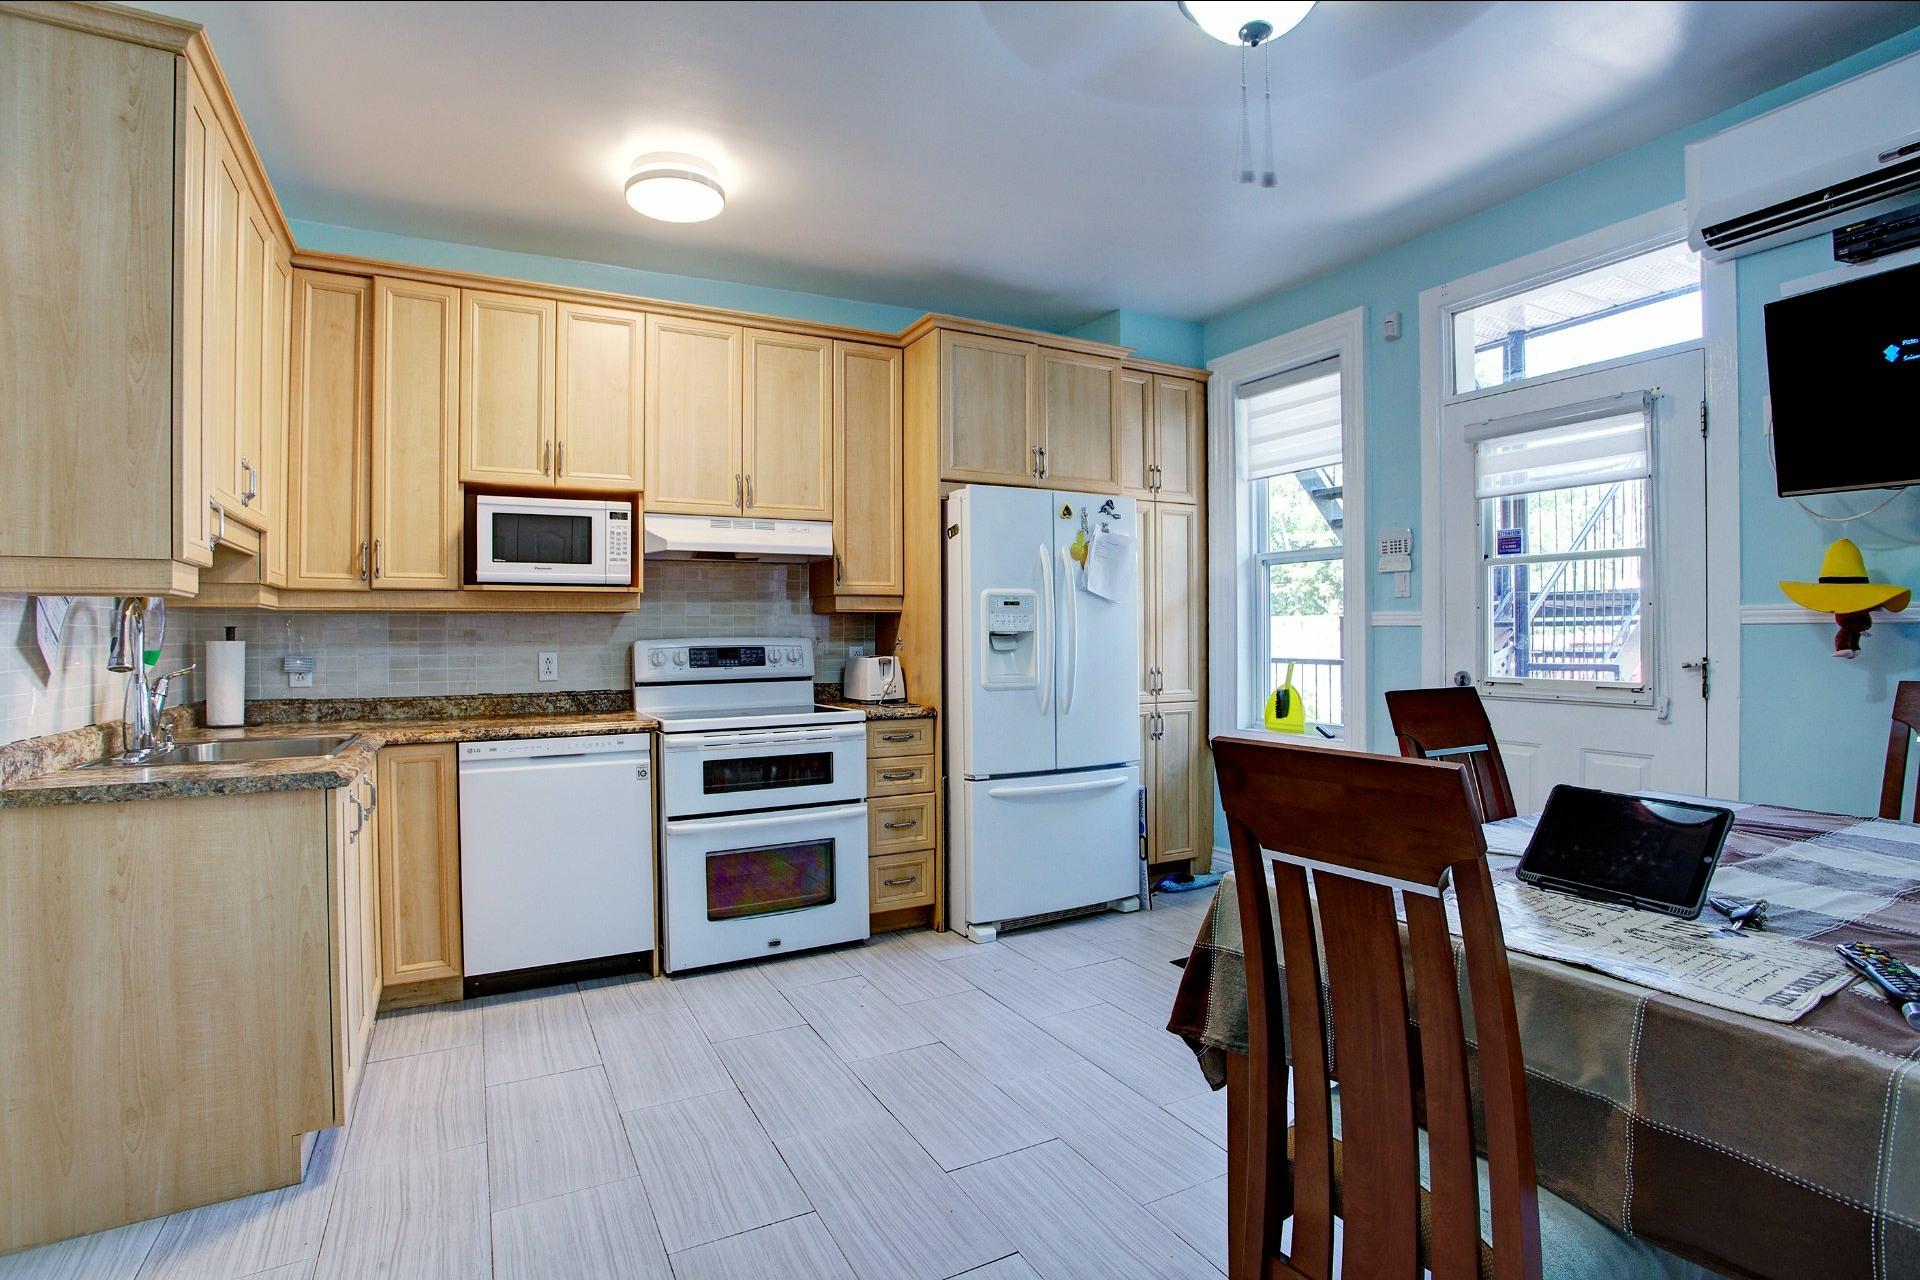 image 4 - Income property For sale Le Sud-Ouest Montréal  - 4 rooms